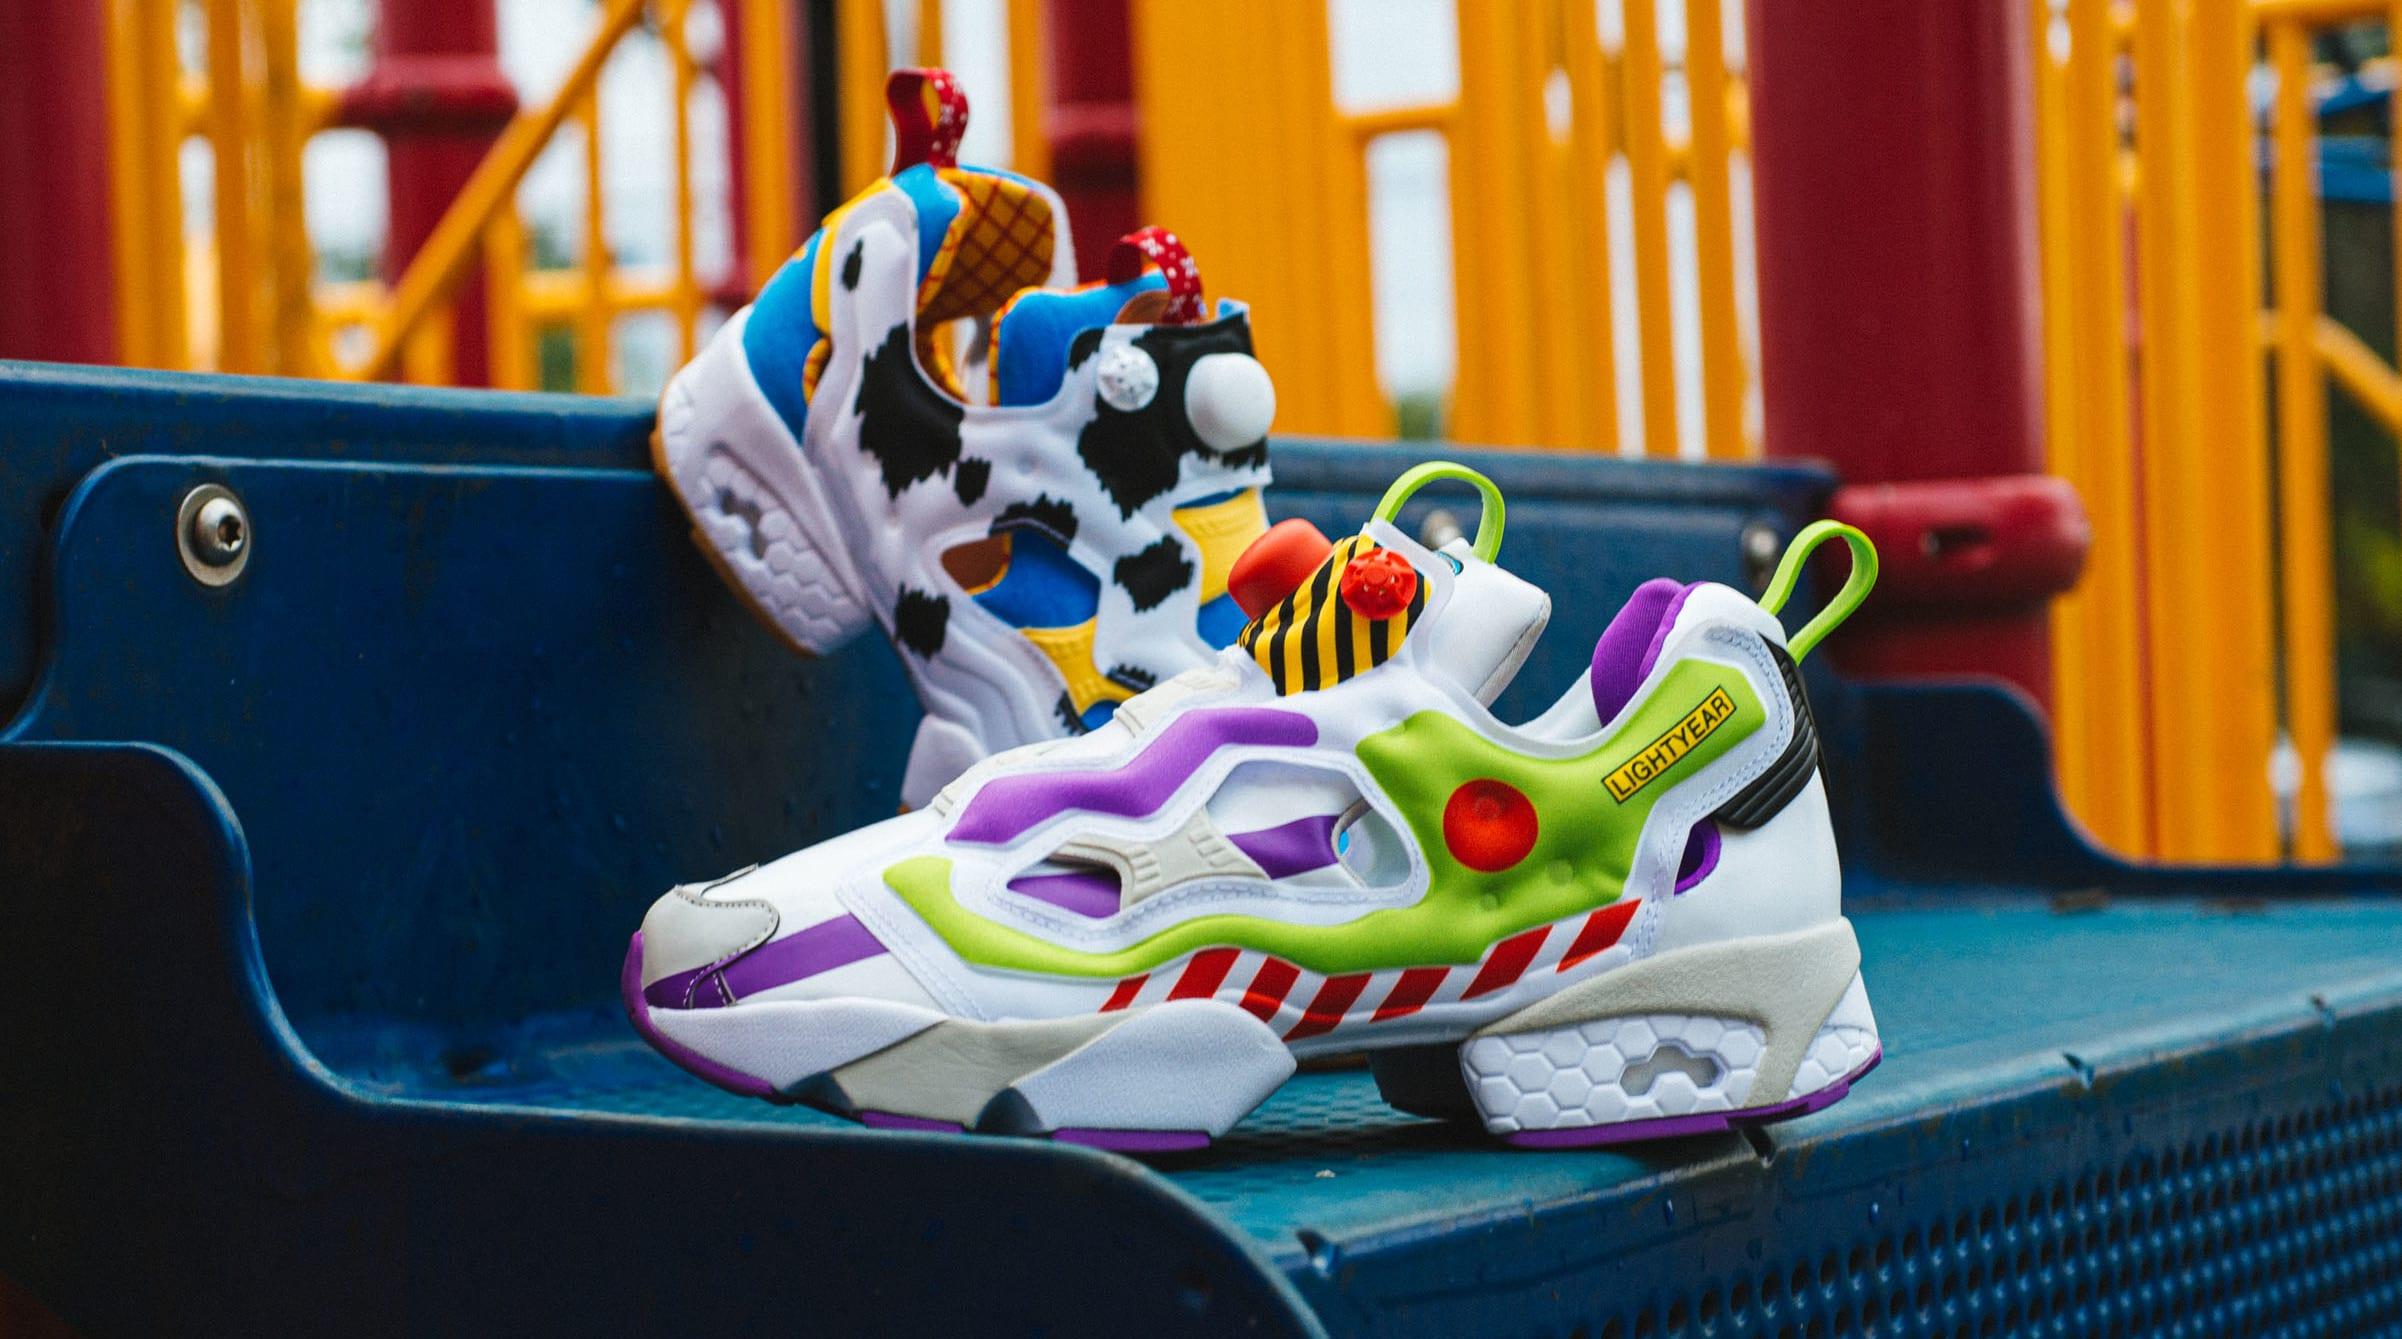 Bait x Disney Toy Story x Reebok Instapump Fury